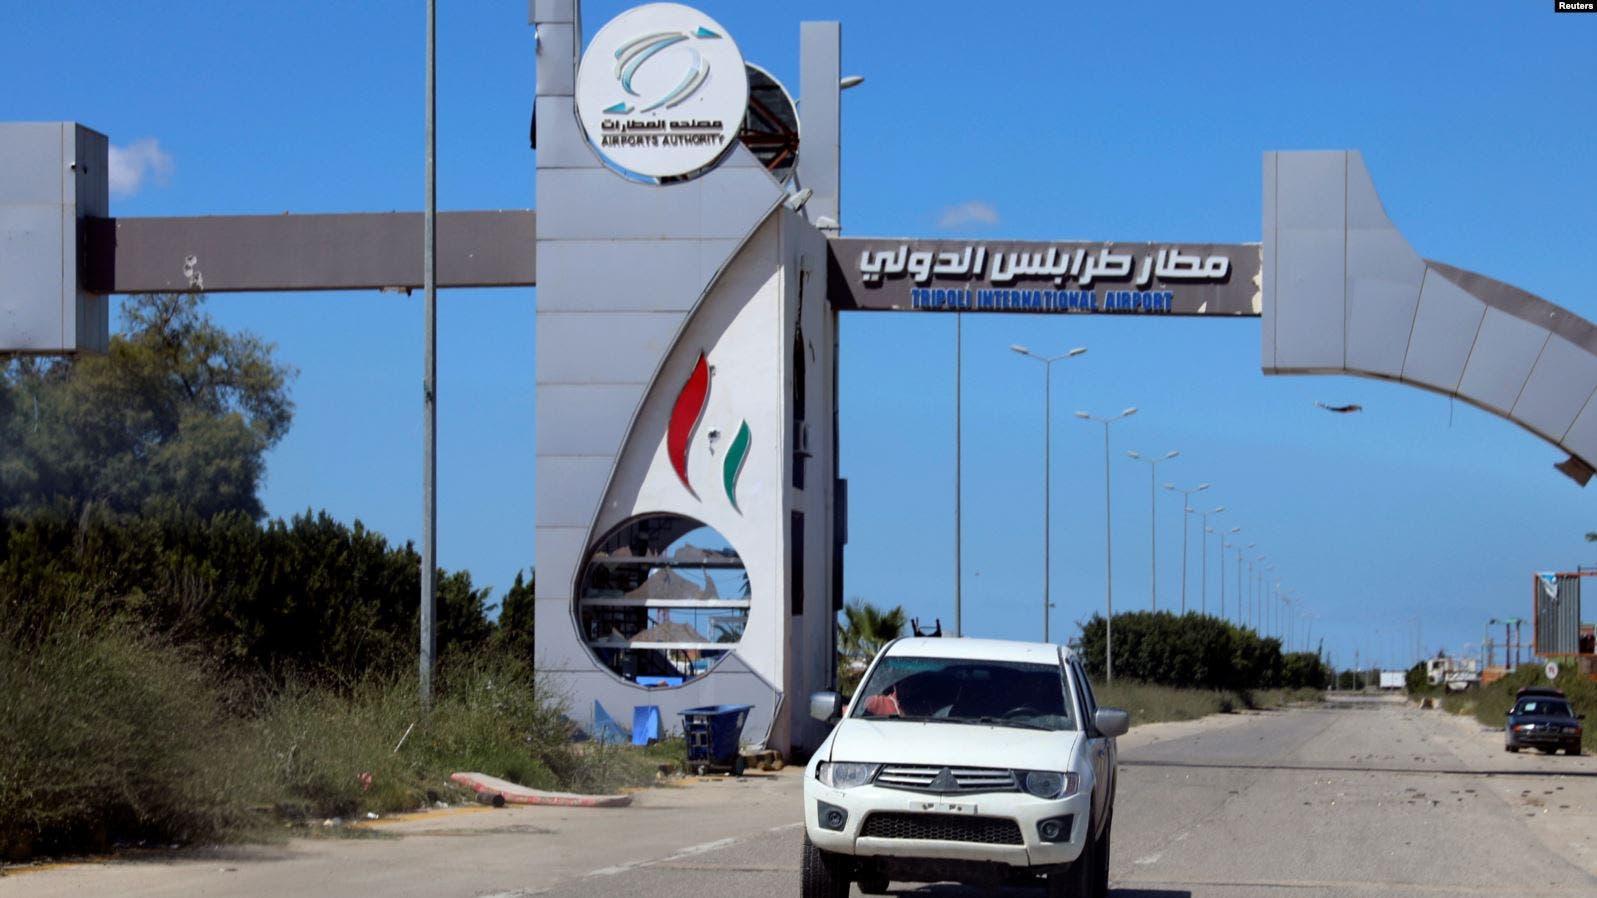 Ciidamada Khalifa Xaftar oo laga qabsaday garoonka Tripoli lagana saaray caasimadda